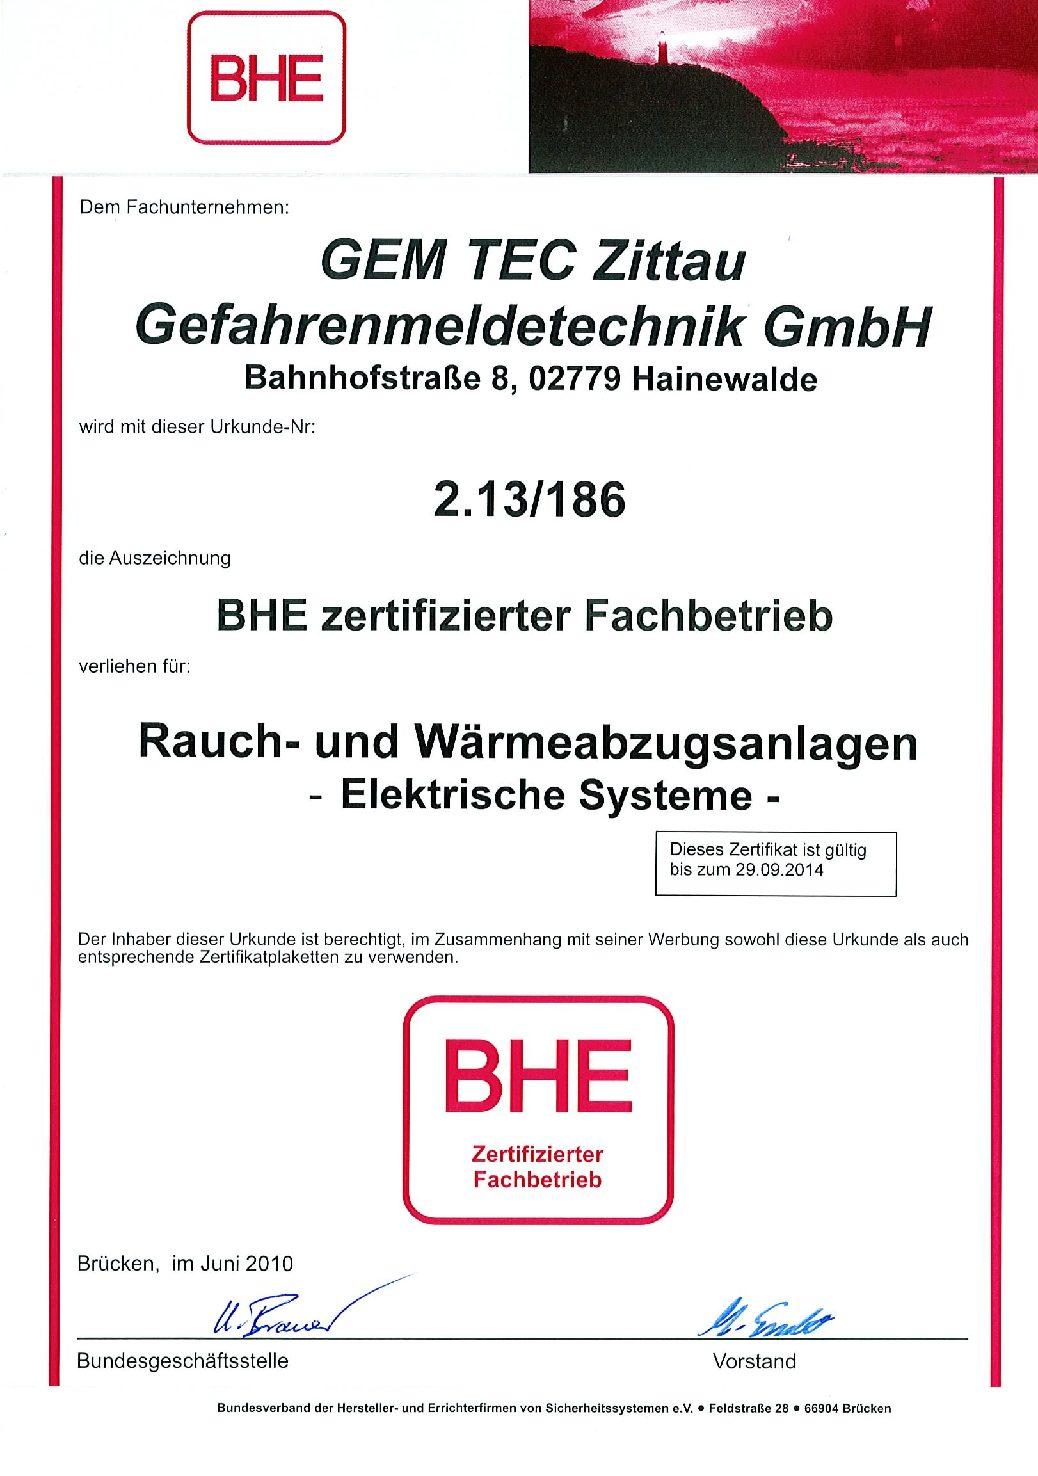 BHE_RWA_Fachbetrieb